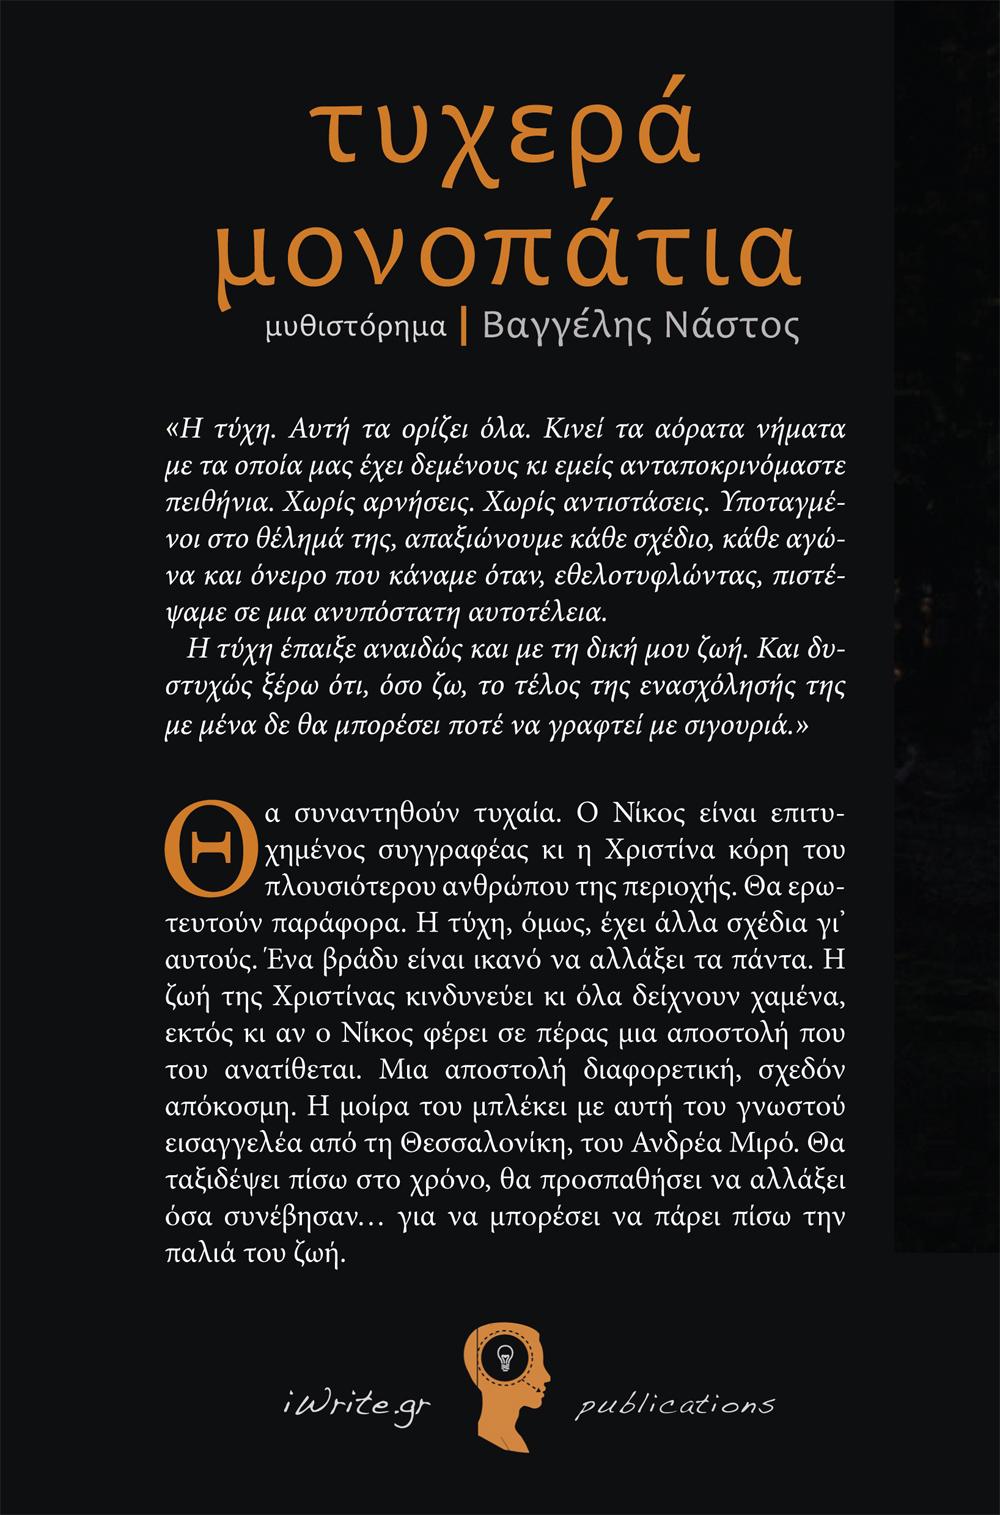 Οπισθόφυλλο, τυχερά μονοπάτια, Εκδόσεις iWrite